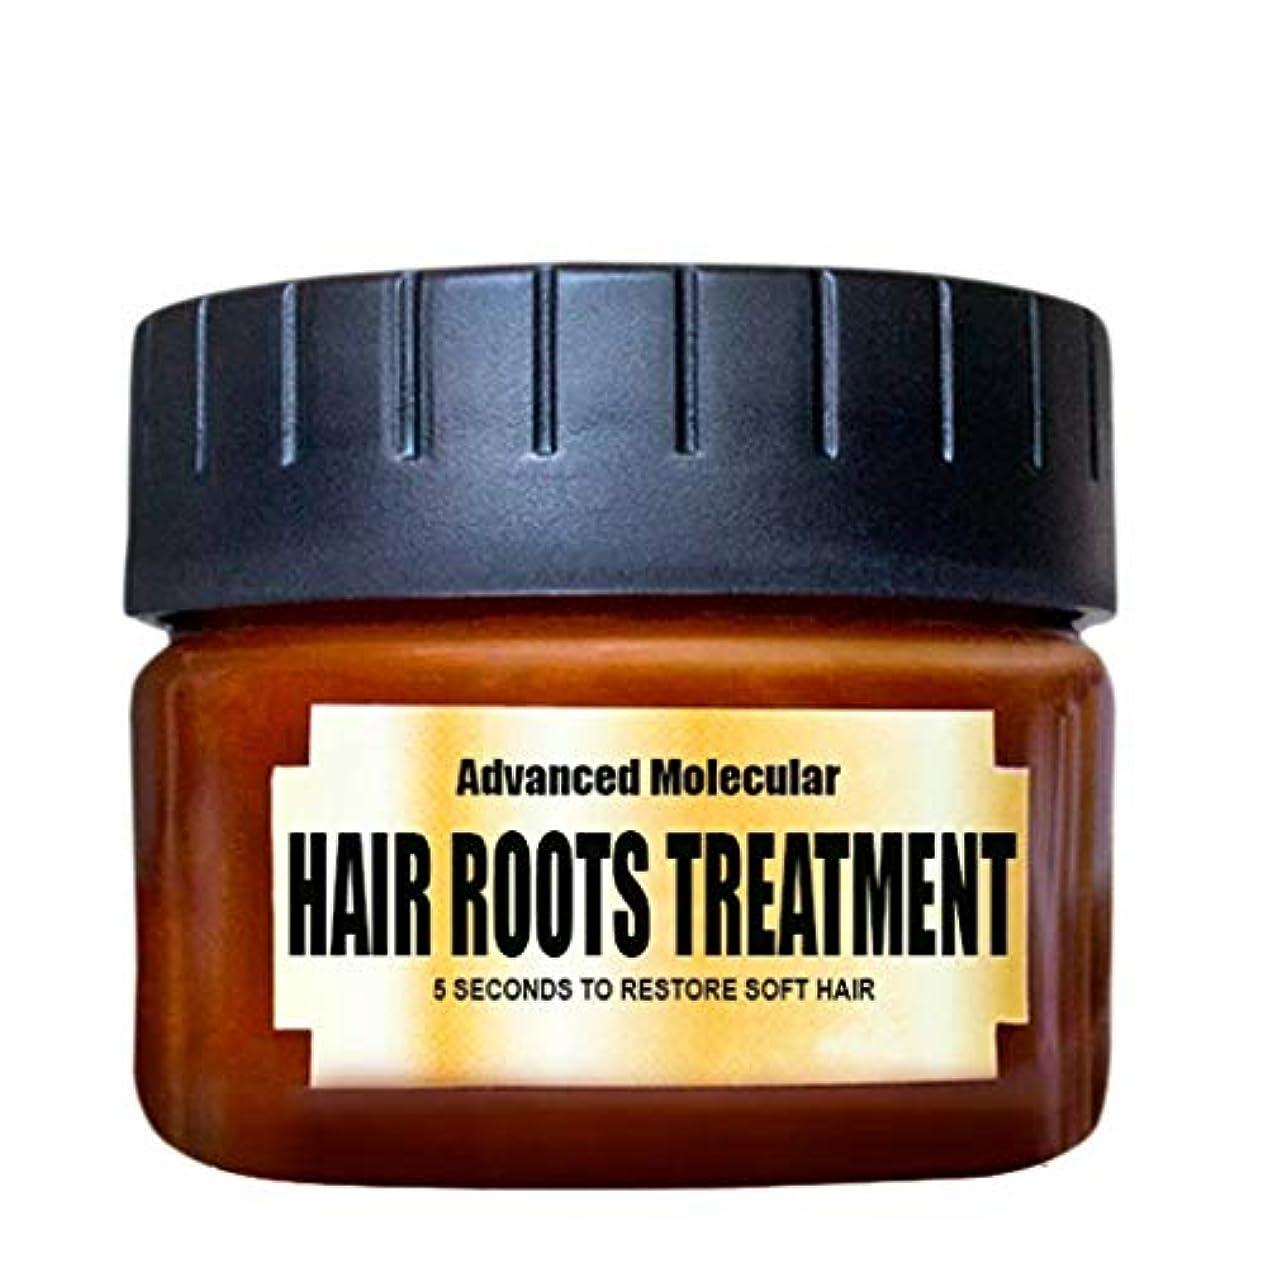 兵士正当な前述のDOUJI 天然植物成分 ヘアケア リッチリペア コンディショナー60ml コンディショナー 髪の解毒ヘアマスク高度な分子毛根治療回復エクストラダメージケア トリートメント